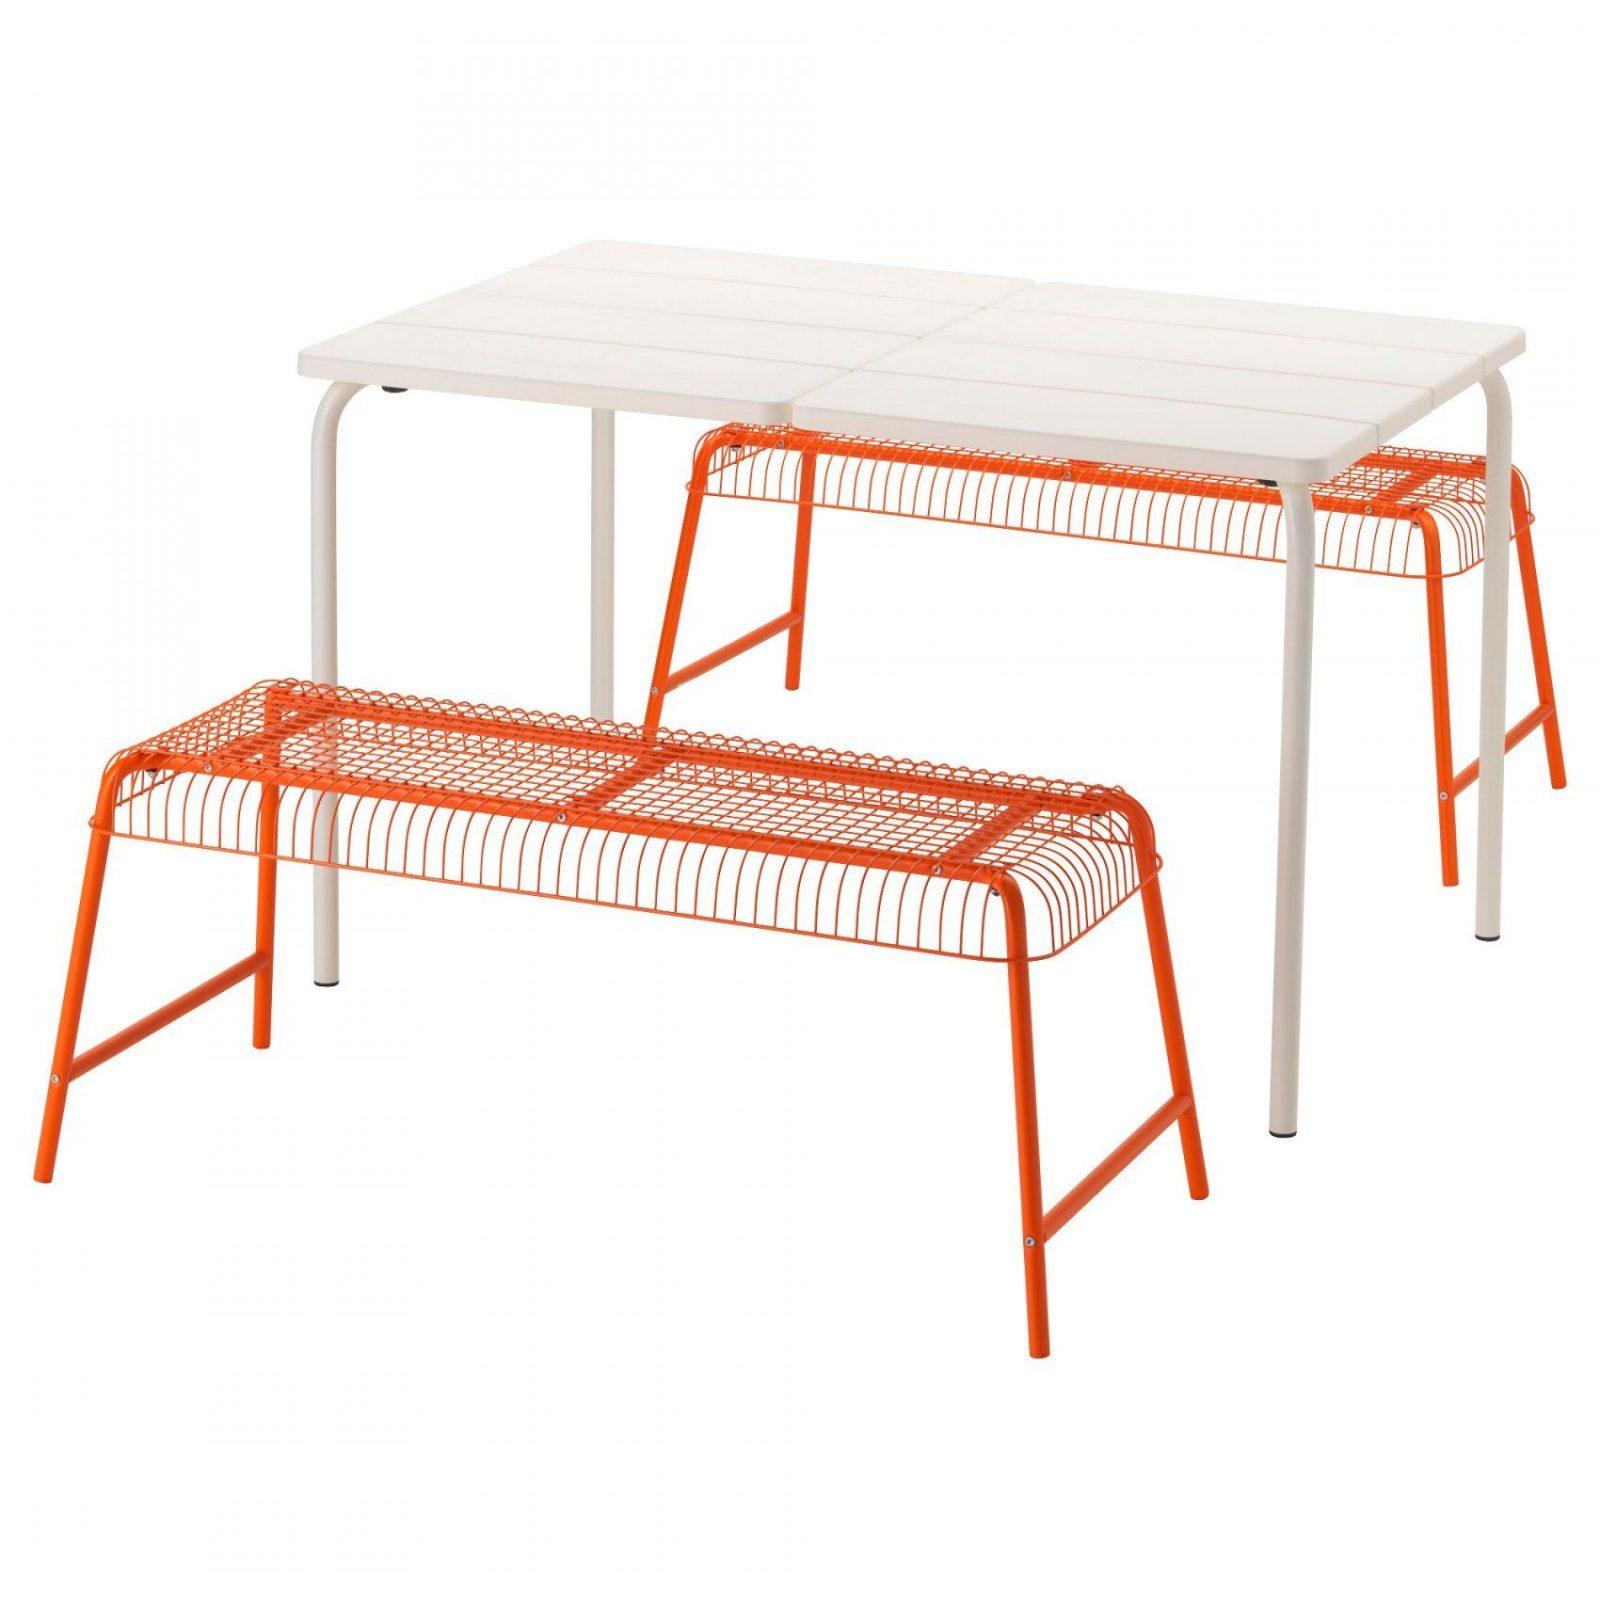 Väddö  Västerön Tisch+2 Bänkeaußen  Ikea von Ikea Bänke Für Draußen Bild